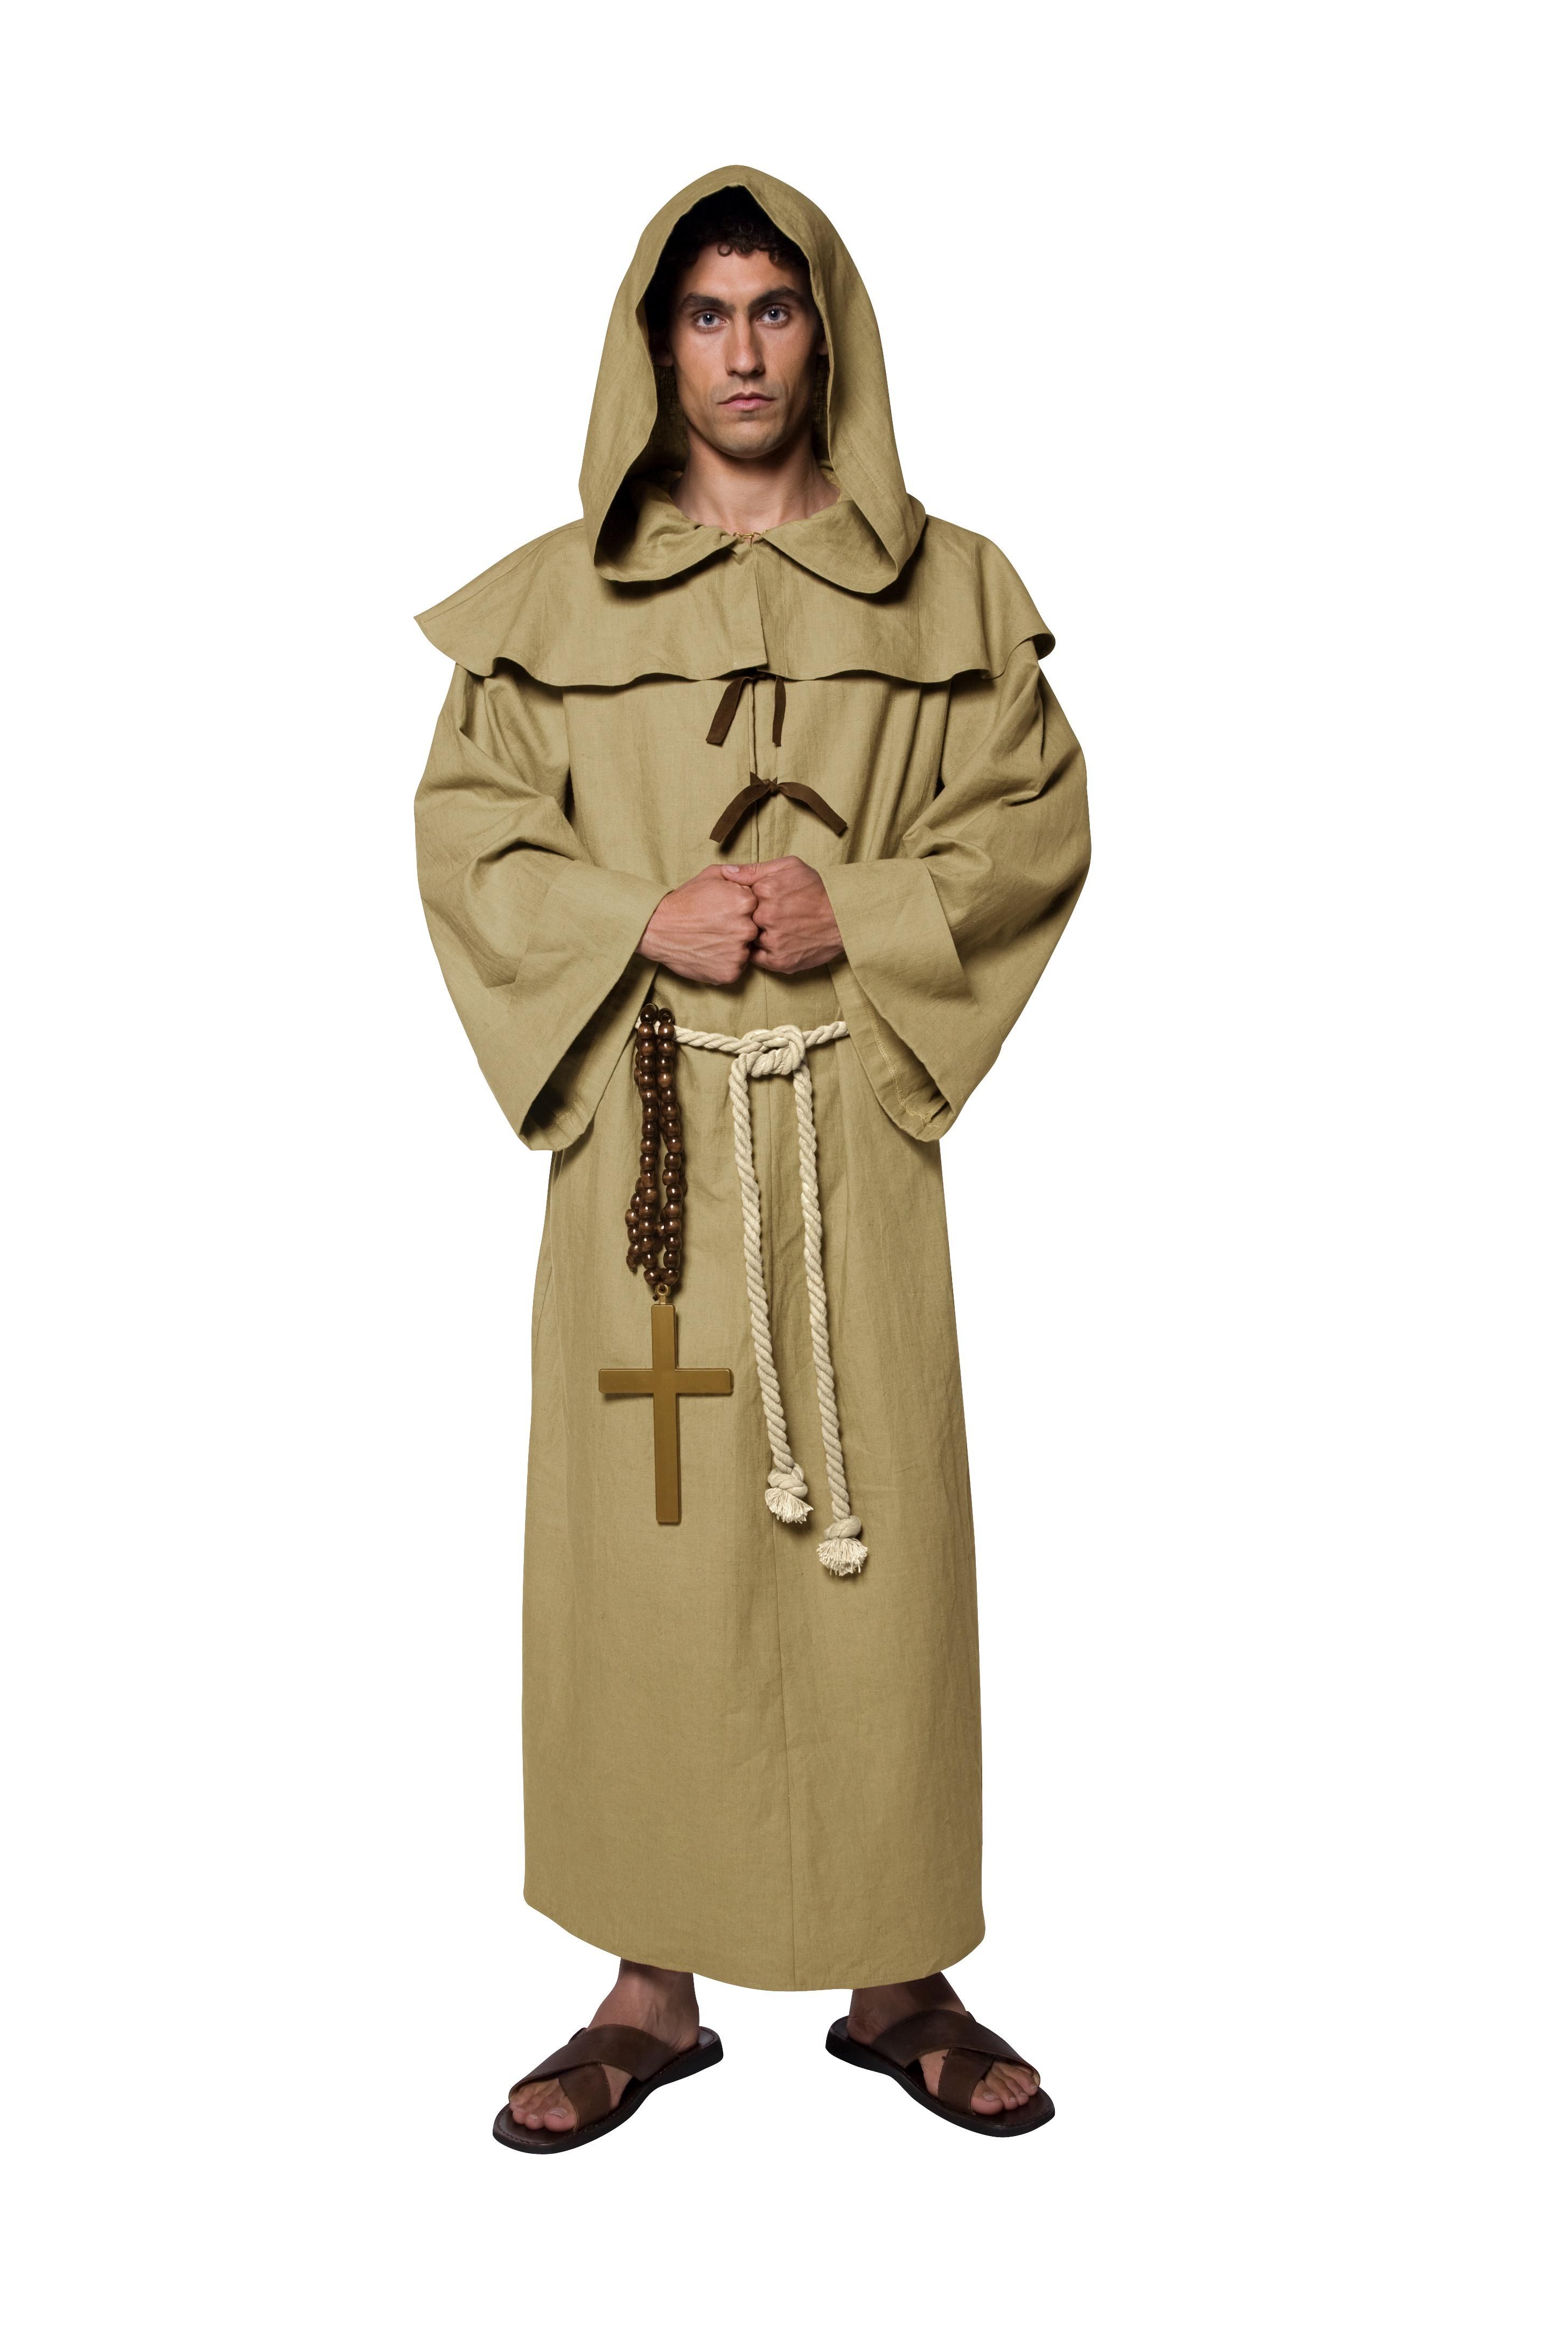 Katolsk Präst Maskeraddräkt - Roliga Saker 787761b17cedf